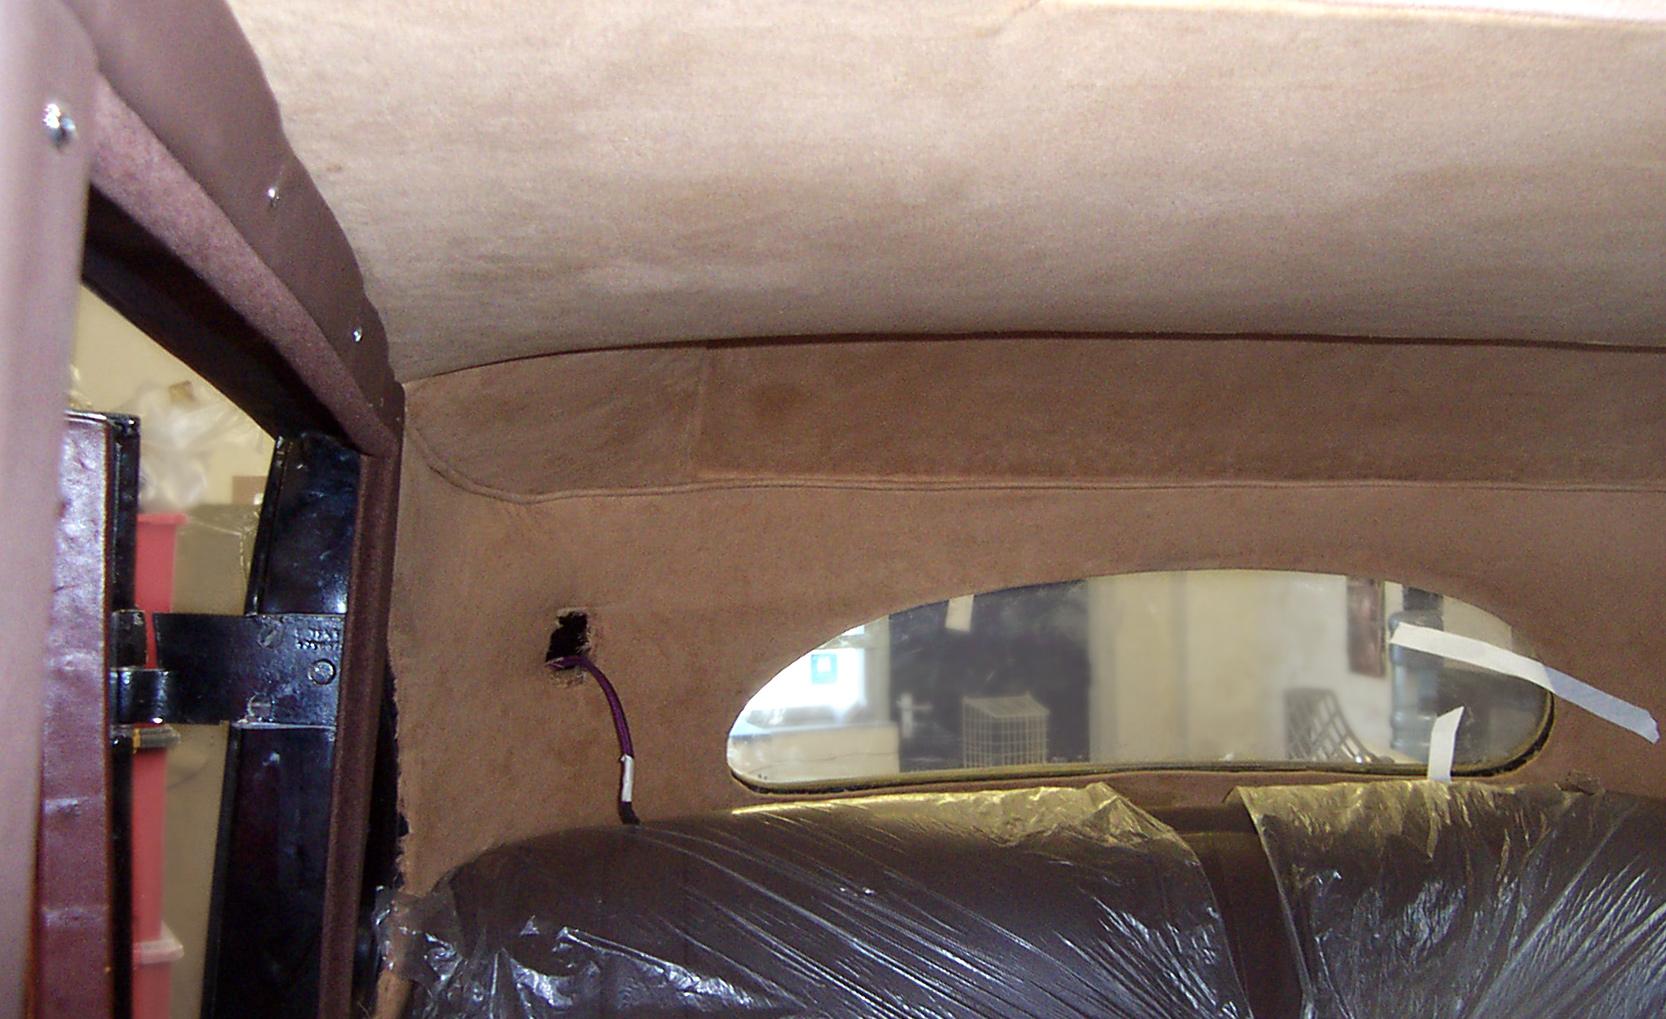 Vintage+Car+Ceiling+Repair